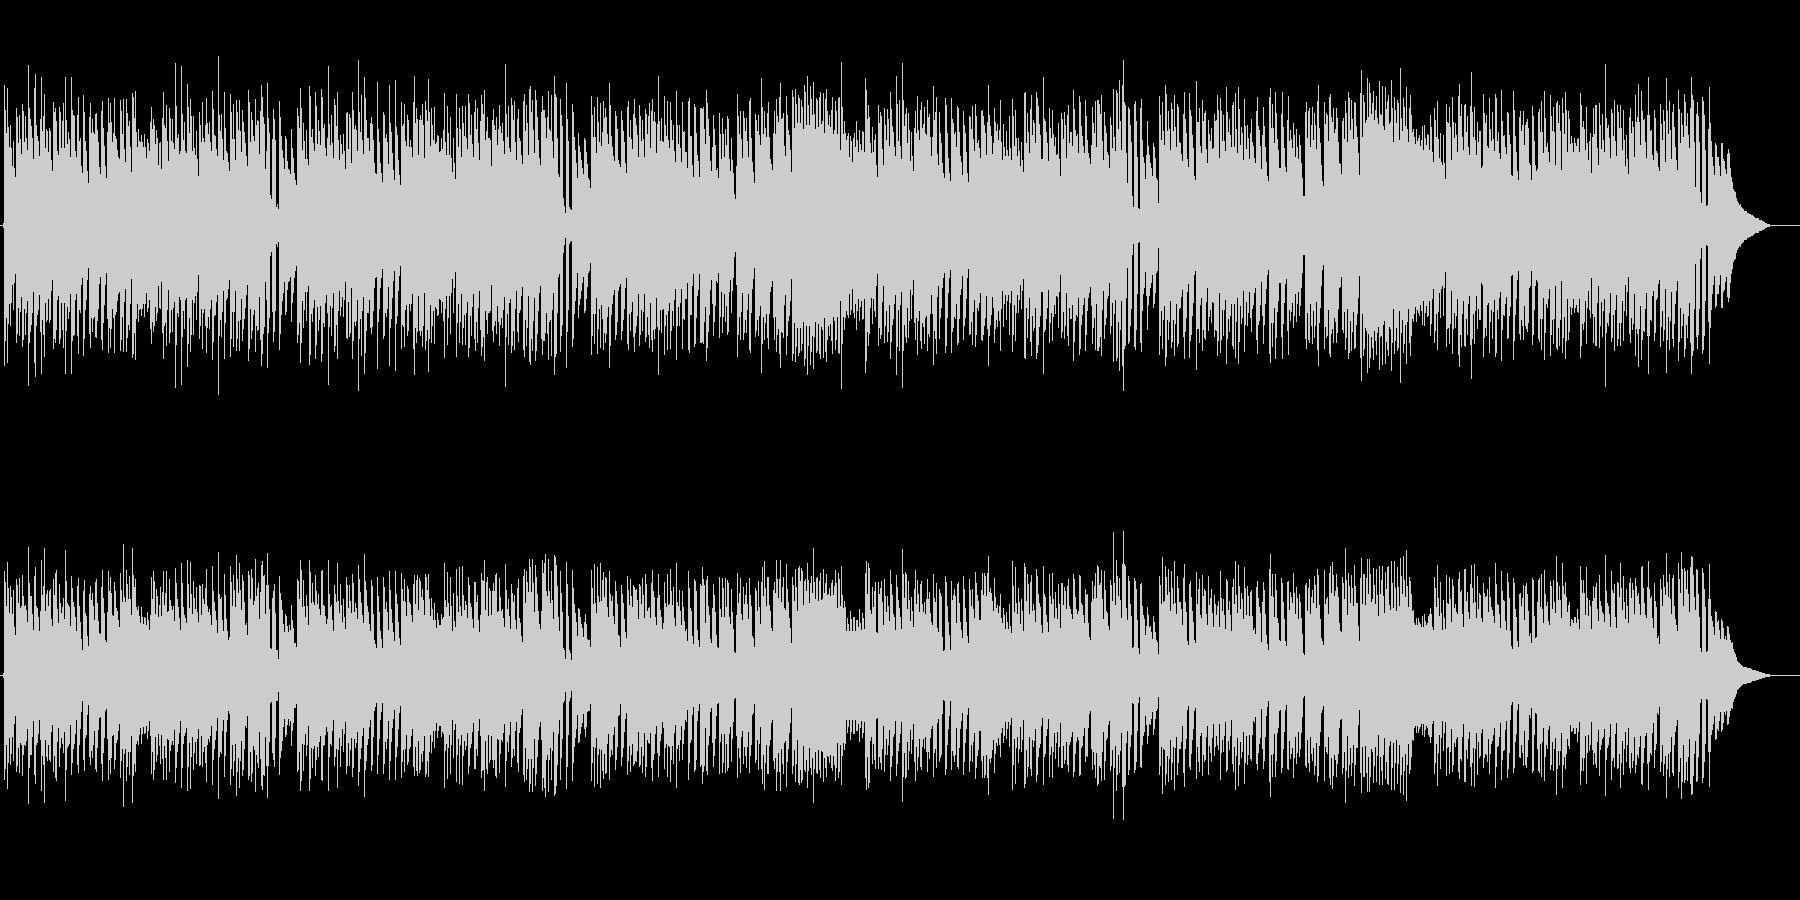 結婚式バッハメヌエット116チェンバロの未再生の波形